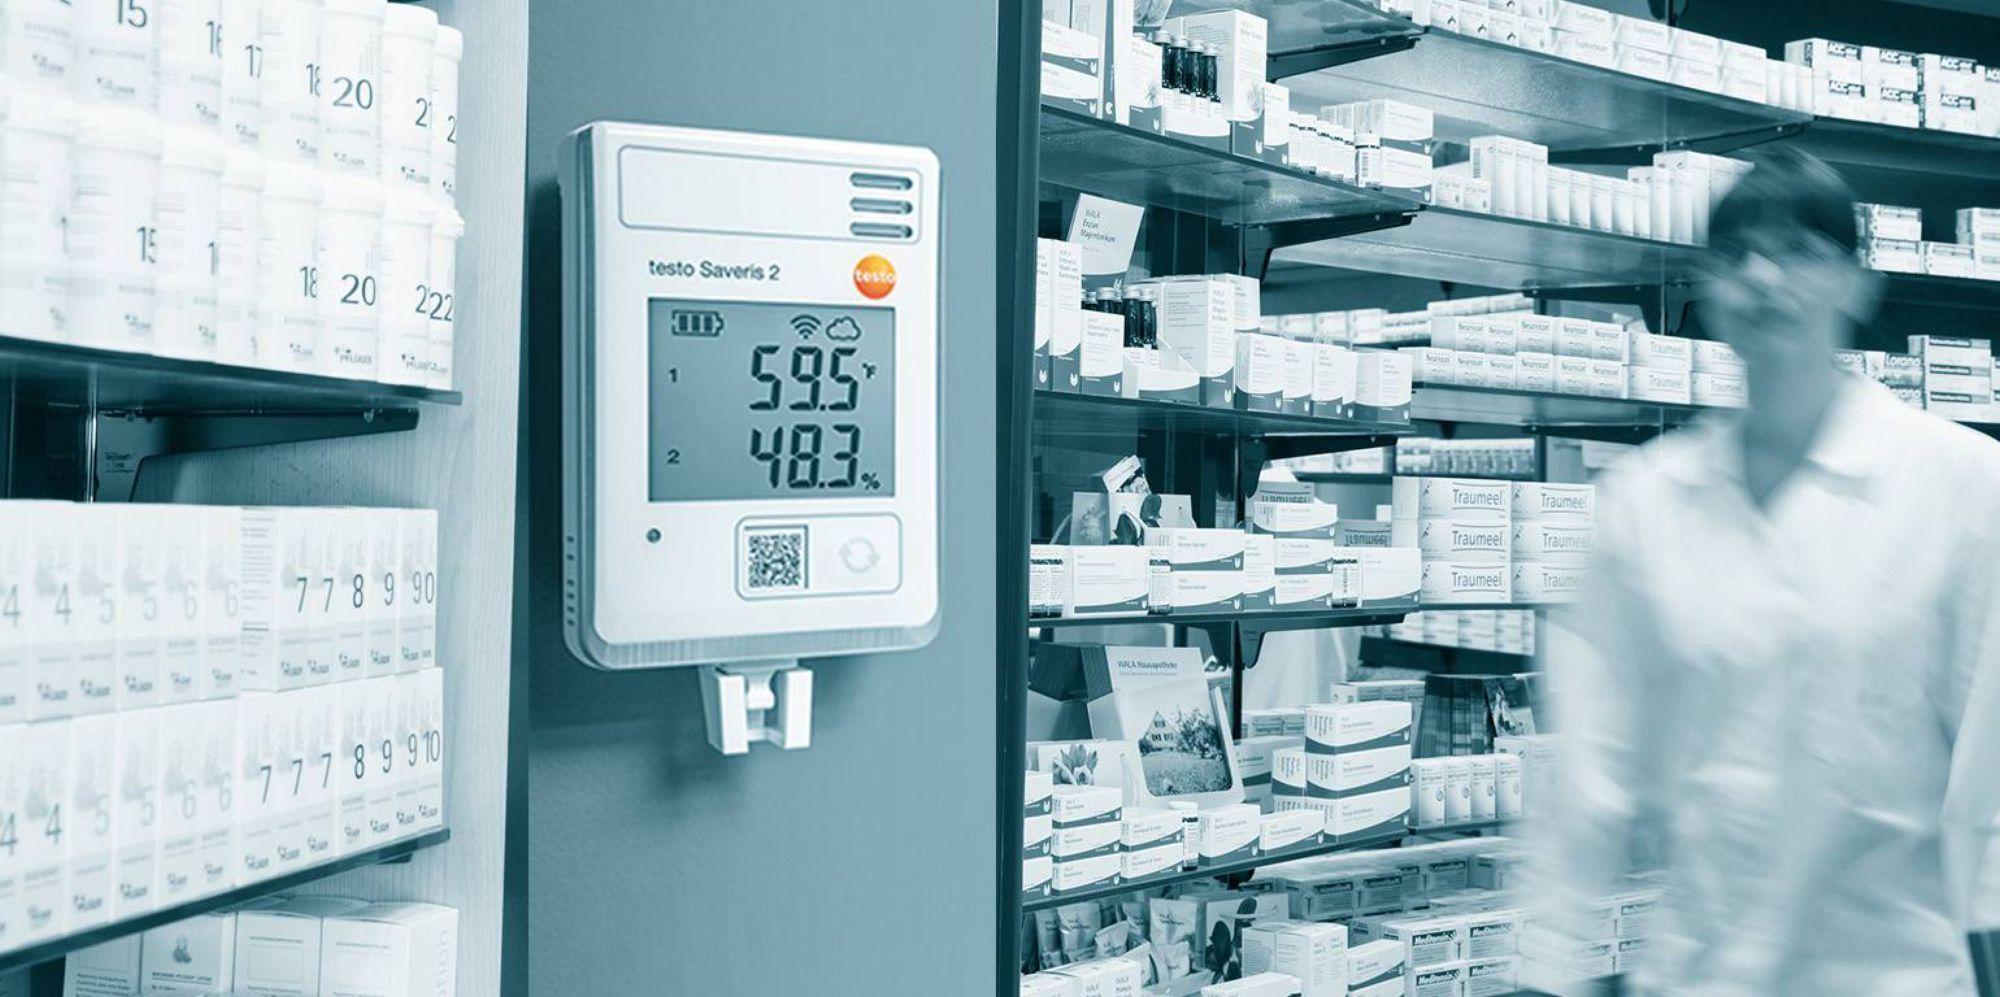 Richtlinien-konforme Temperaturüberwachung mit dem WLAN-Datenloggersystem testo Saveris 2